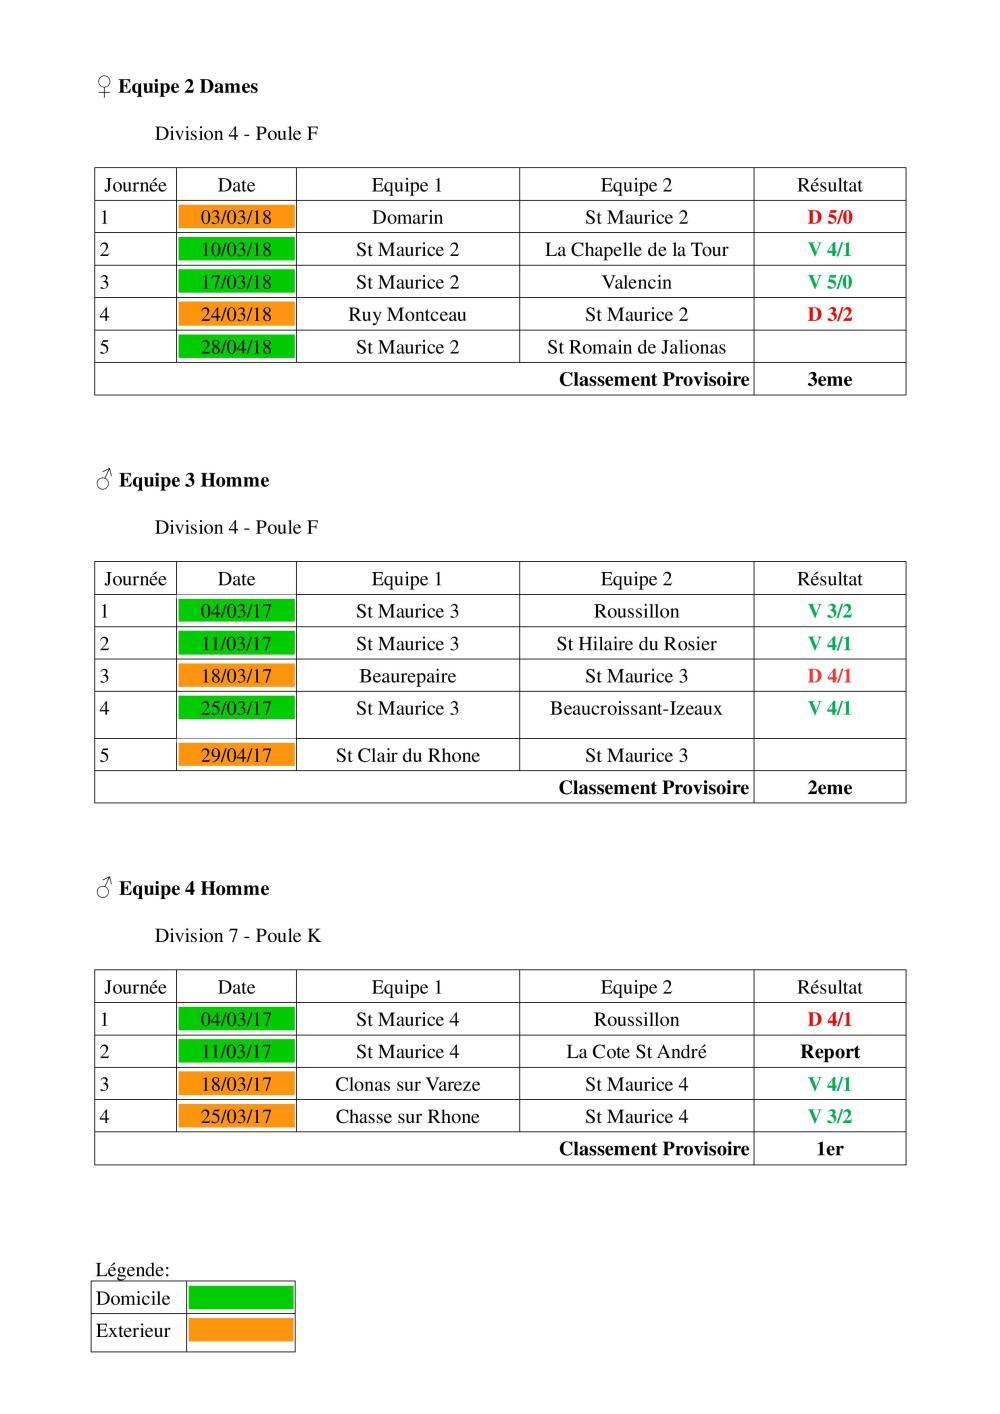 championnat-page-002